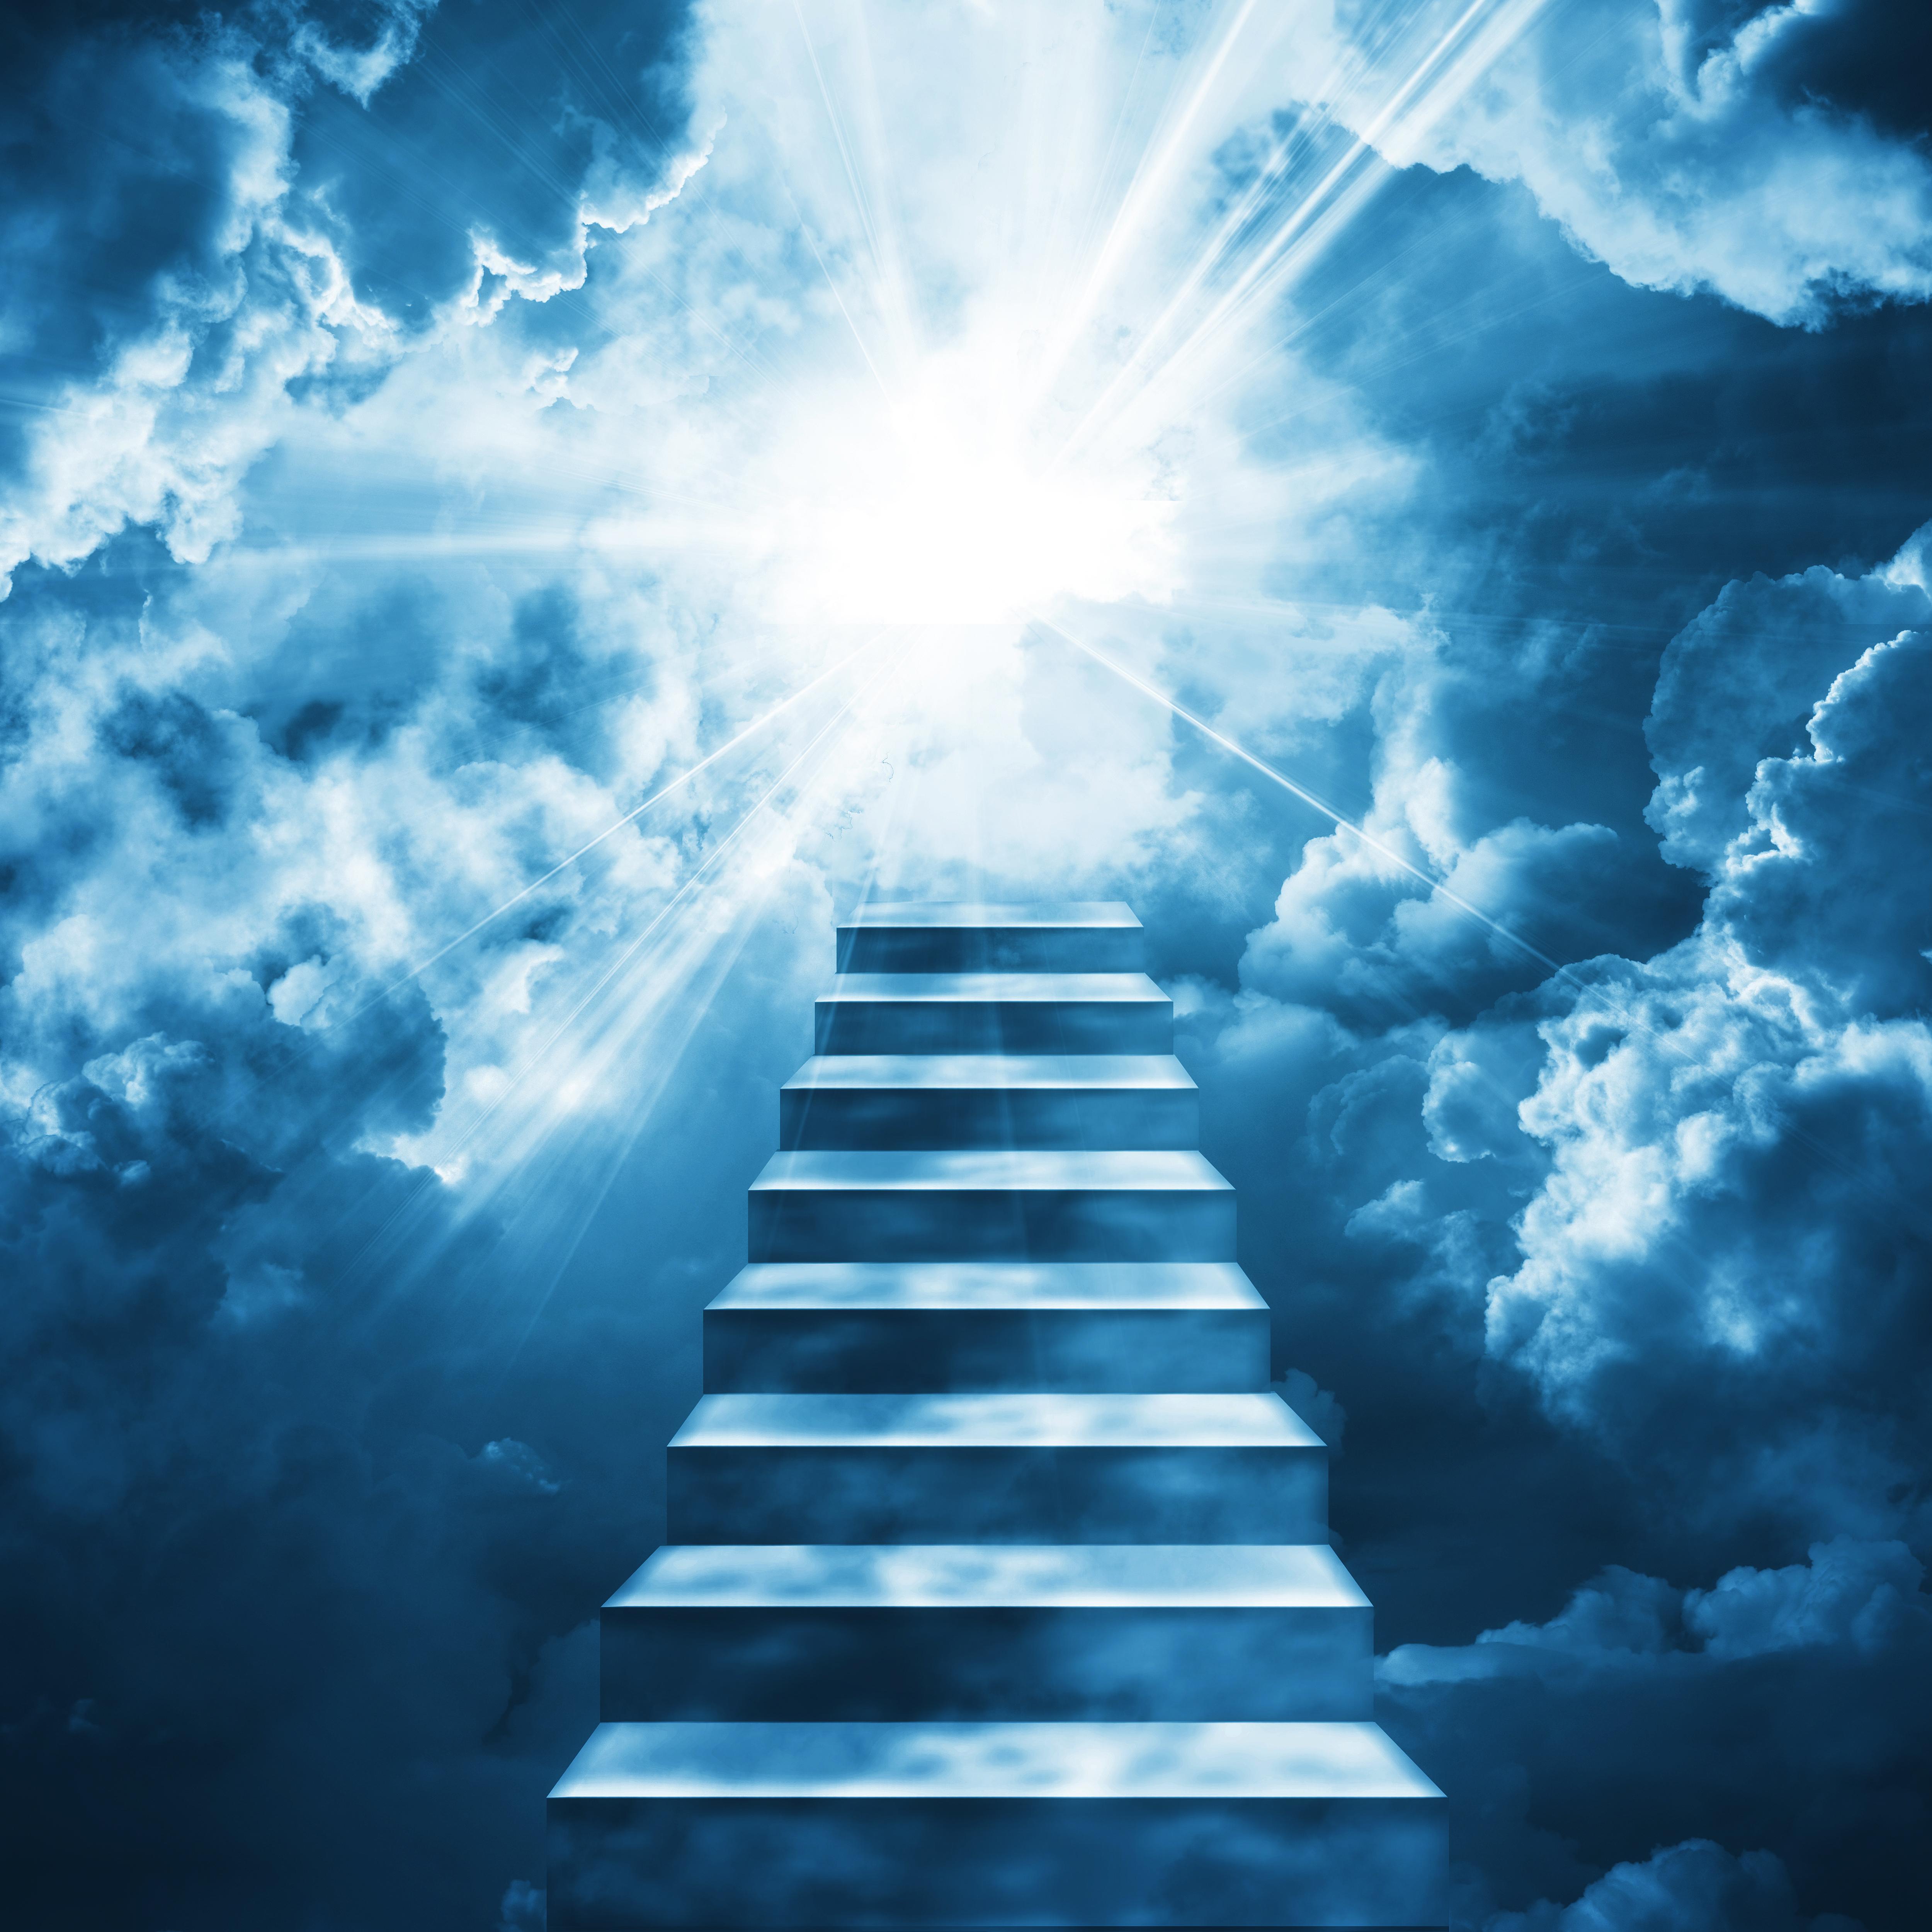 своими картинки лестницы ведущие в небеса лазаревском